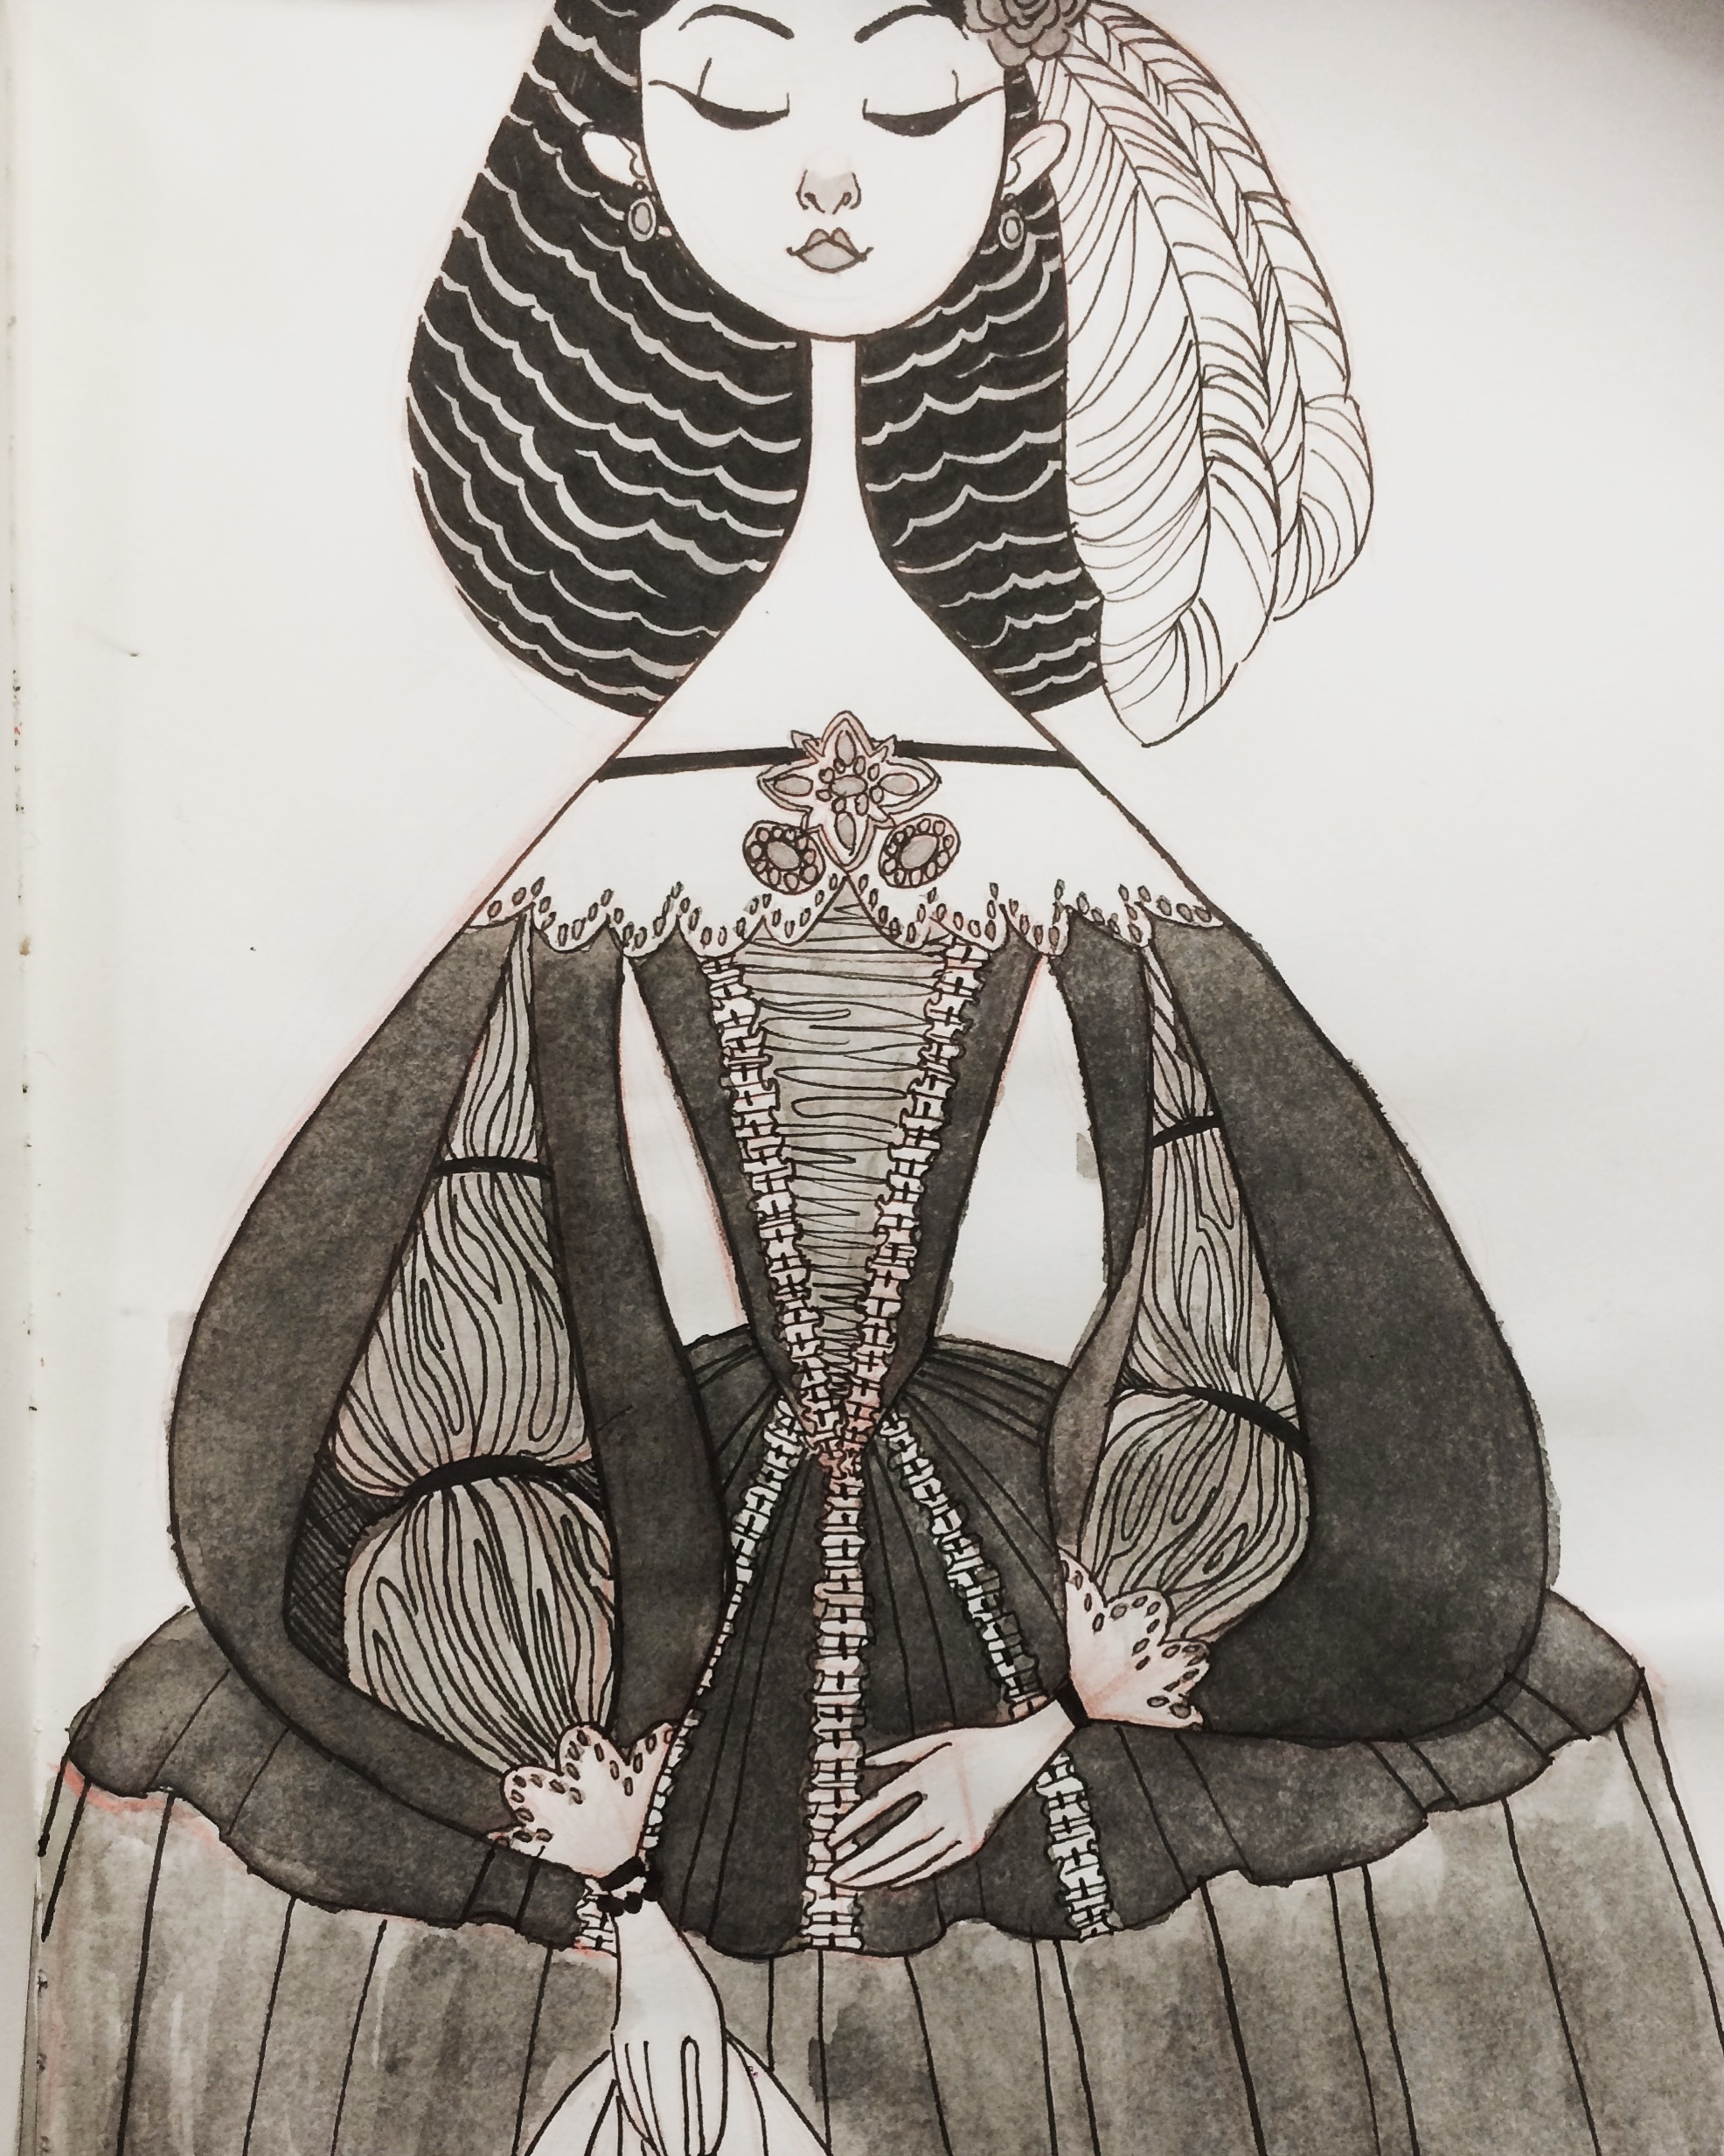 Spain, 1600s